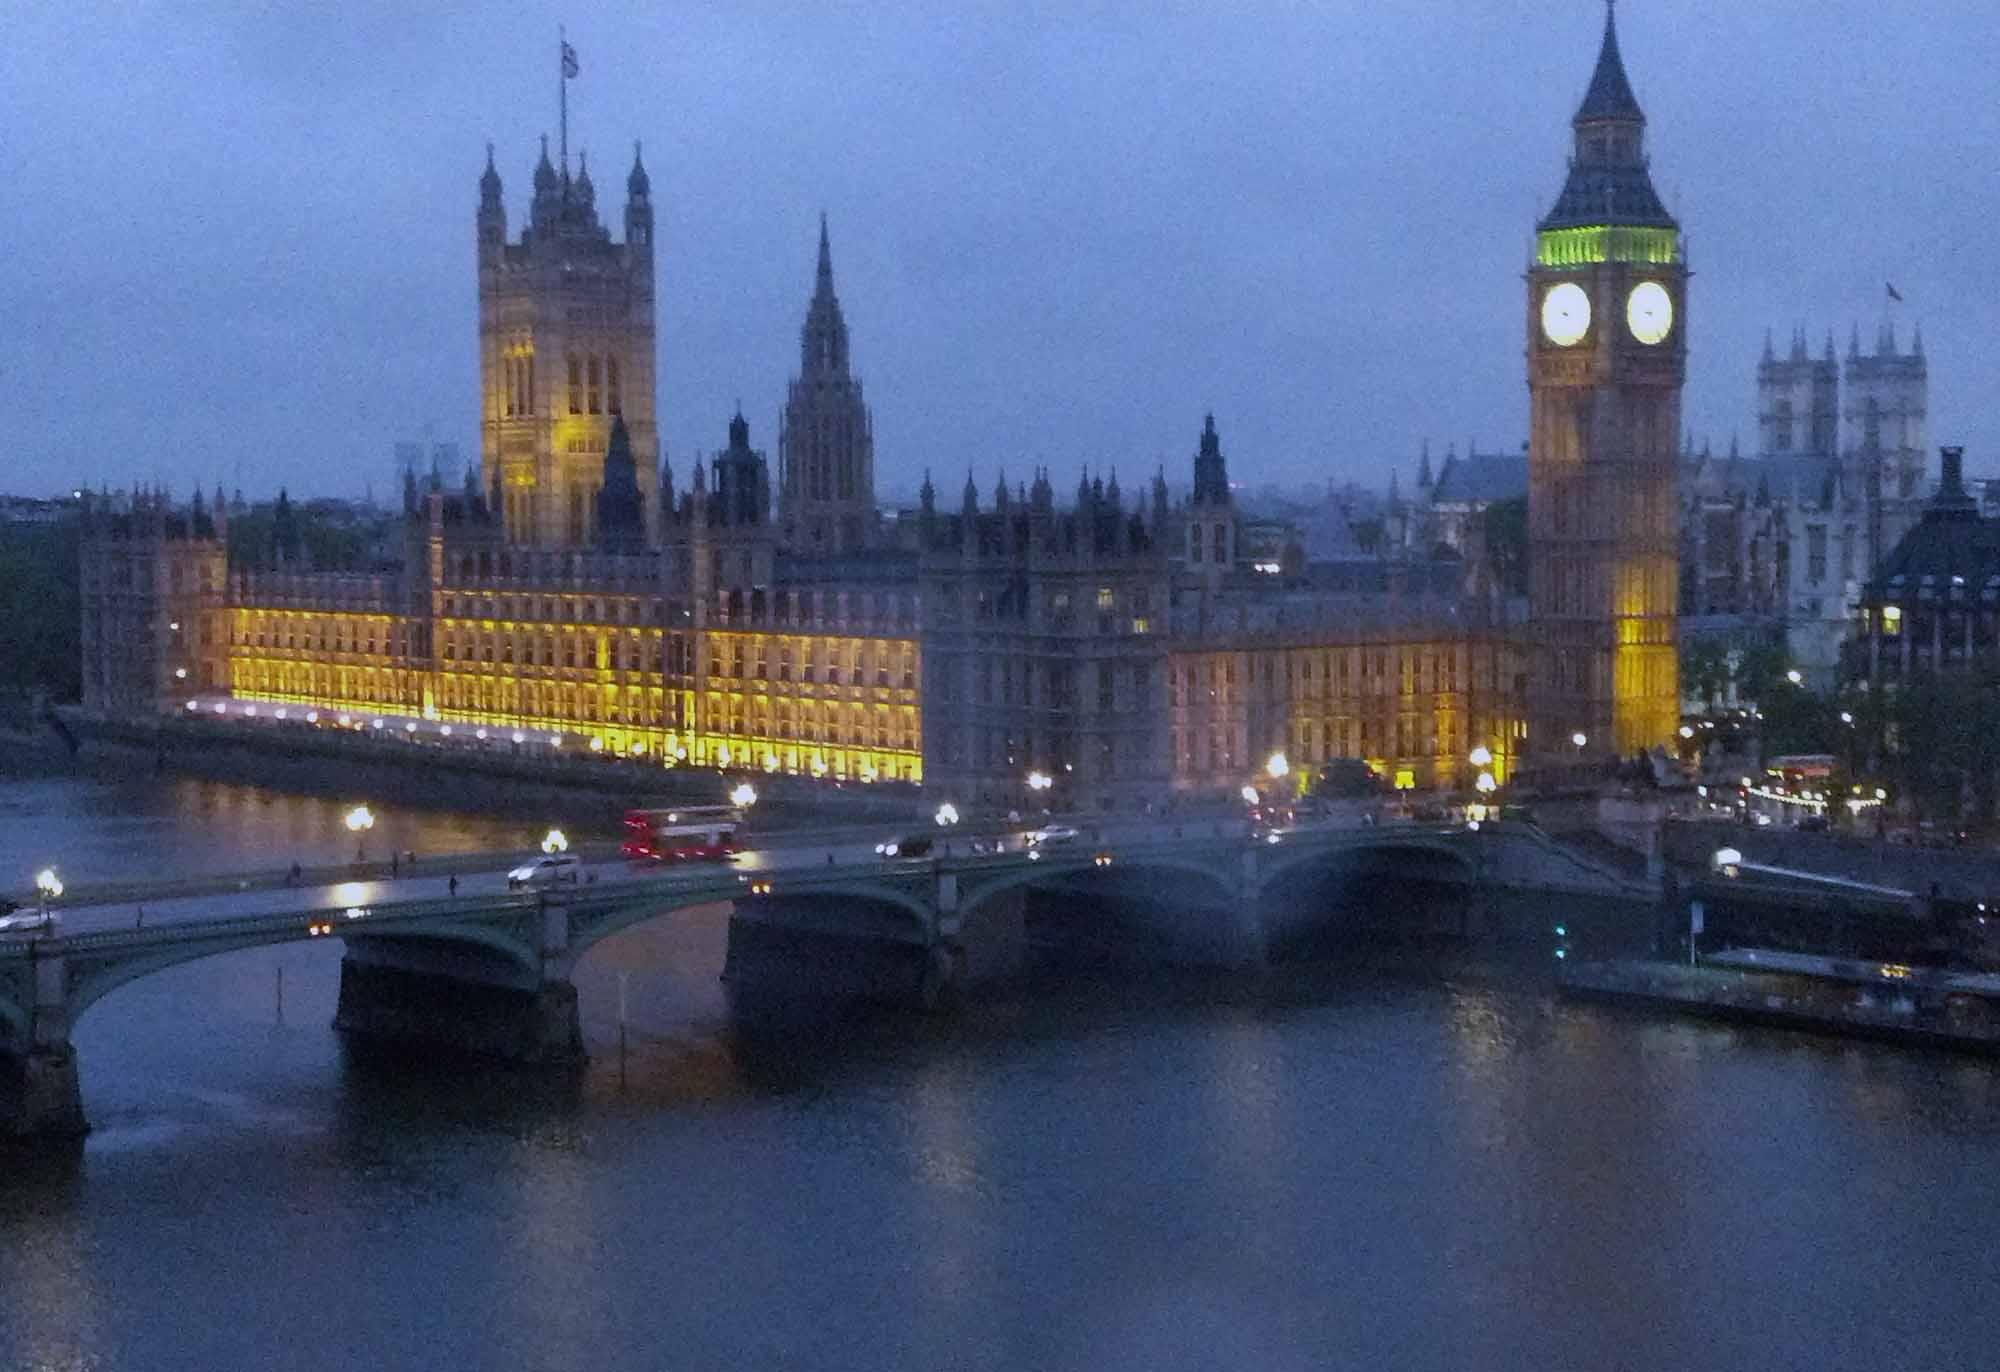 Londra - Offerte di lavoro - Kijiji: Annunci di eBay